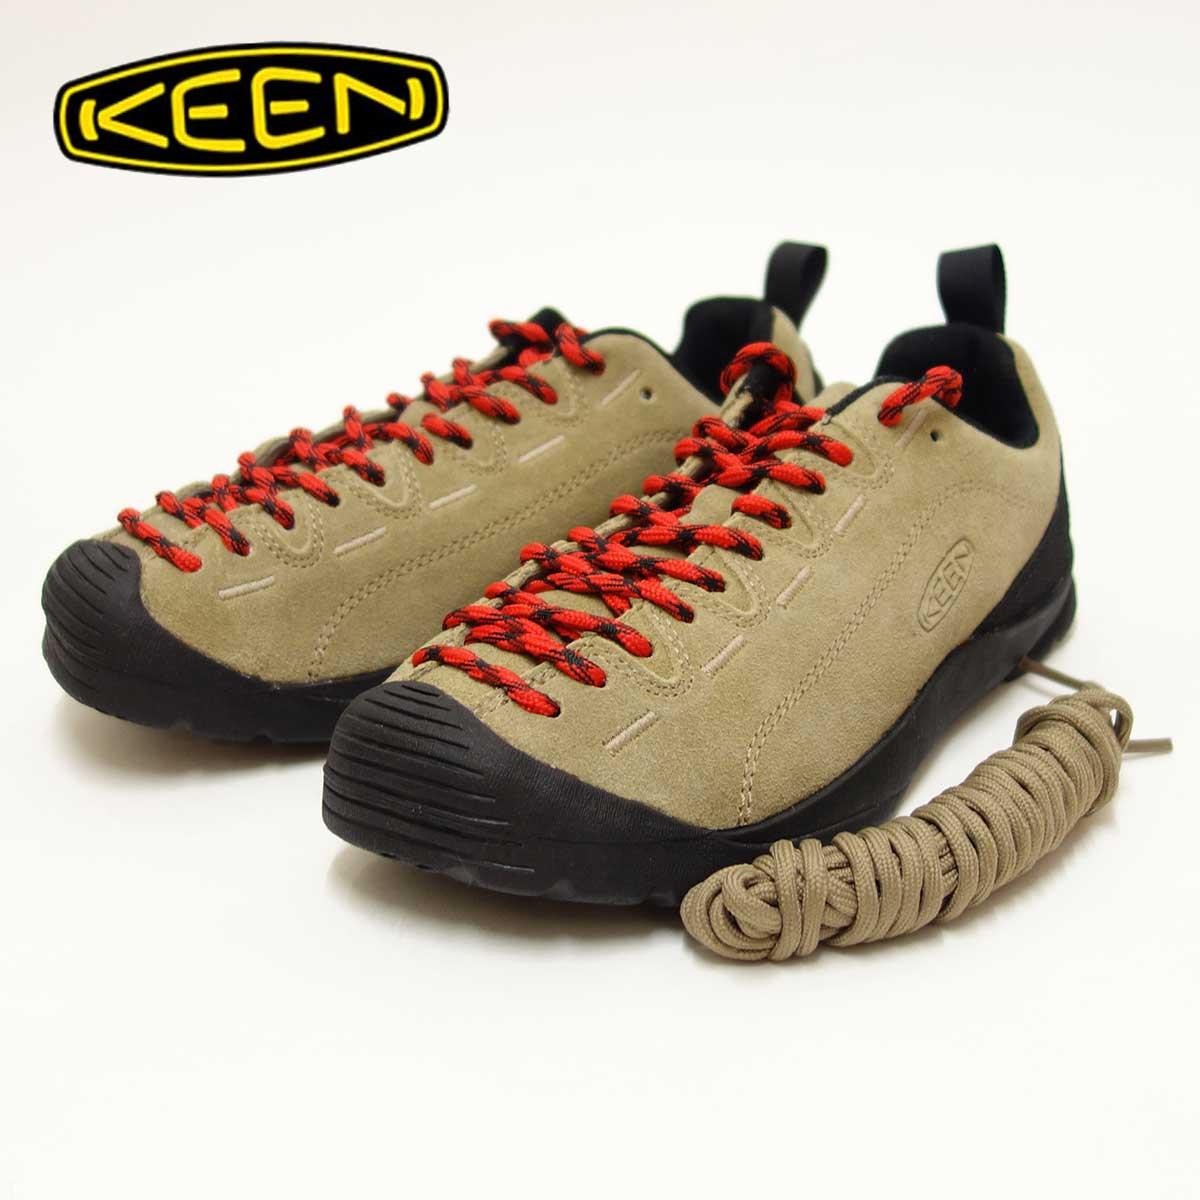 KEEN キーン JASPER ジャスパー 1004347(レディース)コンフォートラストのクライミングデザインカラー:SILVER MINK「靴」